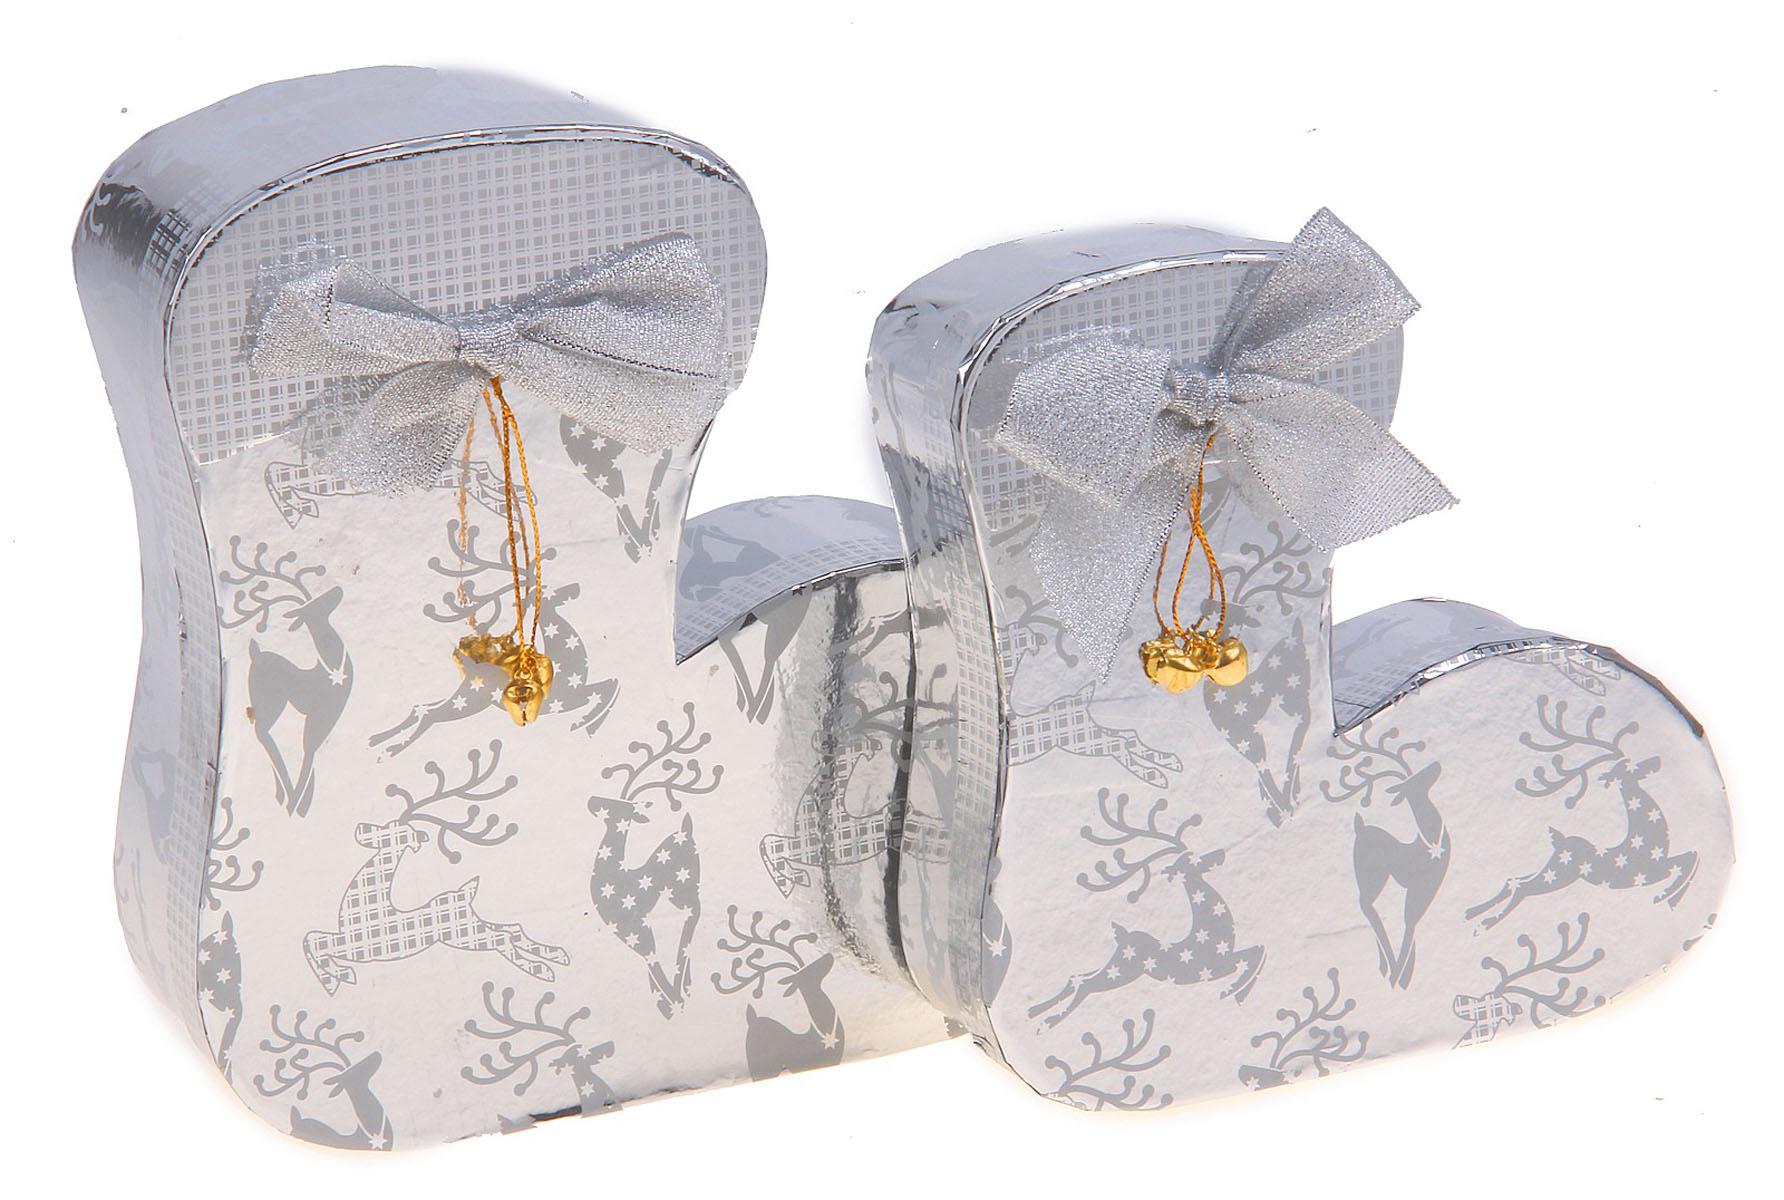 Набор подарочных коробок 2в1 Sima-land Носочек, цвет: серебристый, 2 шт682362Набор Sima-land Носочек состоит из двух коробок, выполненных в форме носочка разного размера, которые вмещаются друг в друга. Коробки декорированы изображением оленей, текстильным бантом и бубенцом. Набор подарочных коробок - это наилучшее решение, если вы хотите порадовать ваших близких и создать праздничное настроение, ведь подарок, преподнесенный в оригинальной упаковке, всегда будет самым эффектным и запоминающимся. Окружите близких людей вниманием и заботой, вручив презент в нарядном, праздничном оформлении. Размер большой коробки: 20,5 см х 20 см х 6 см. Размер маленькой коробки: 16 см х 16,5 см х 5 см.